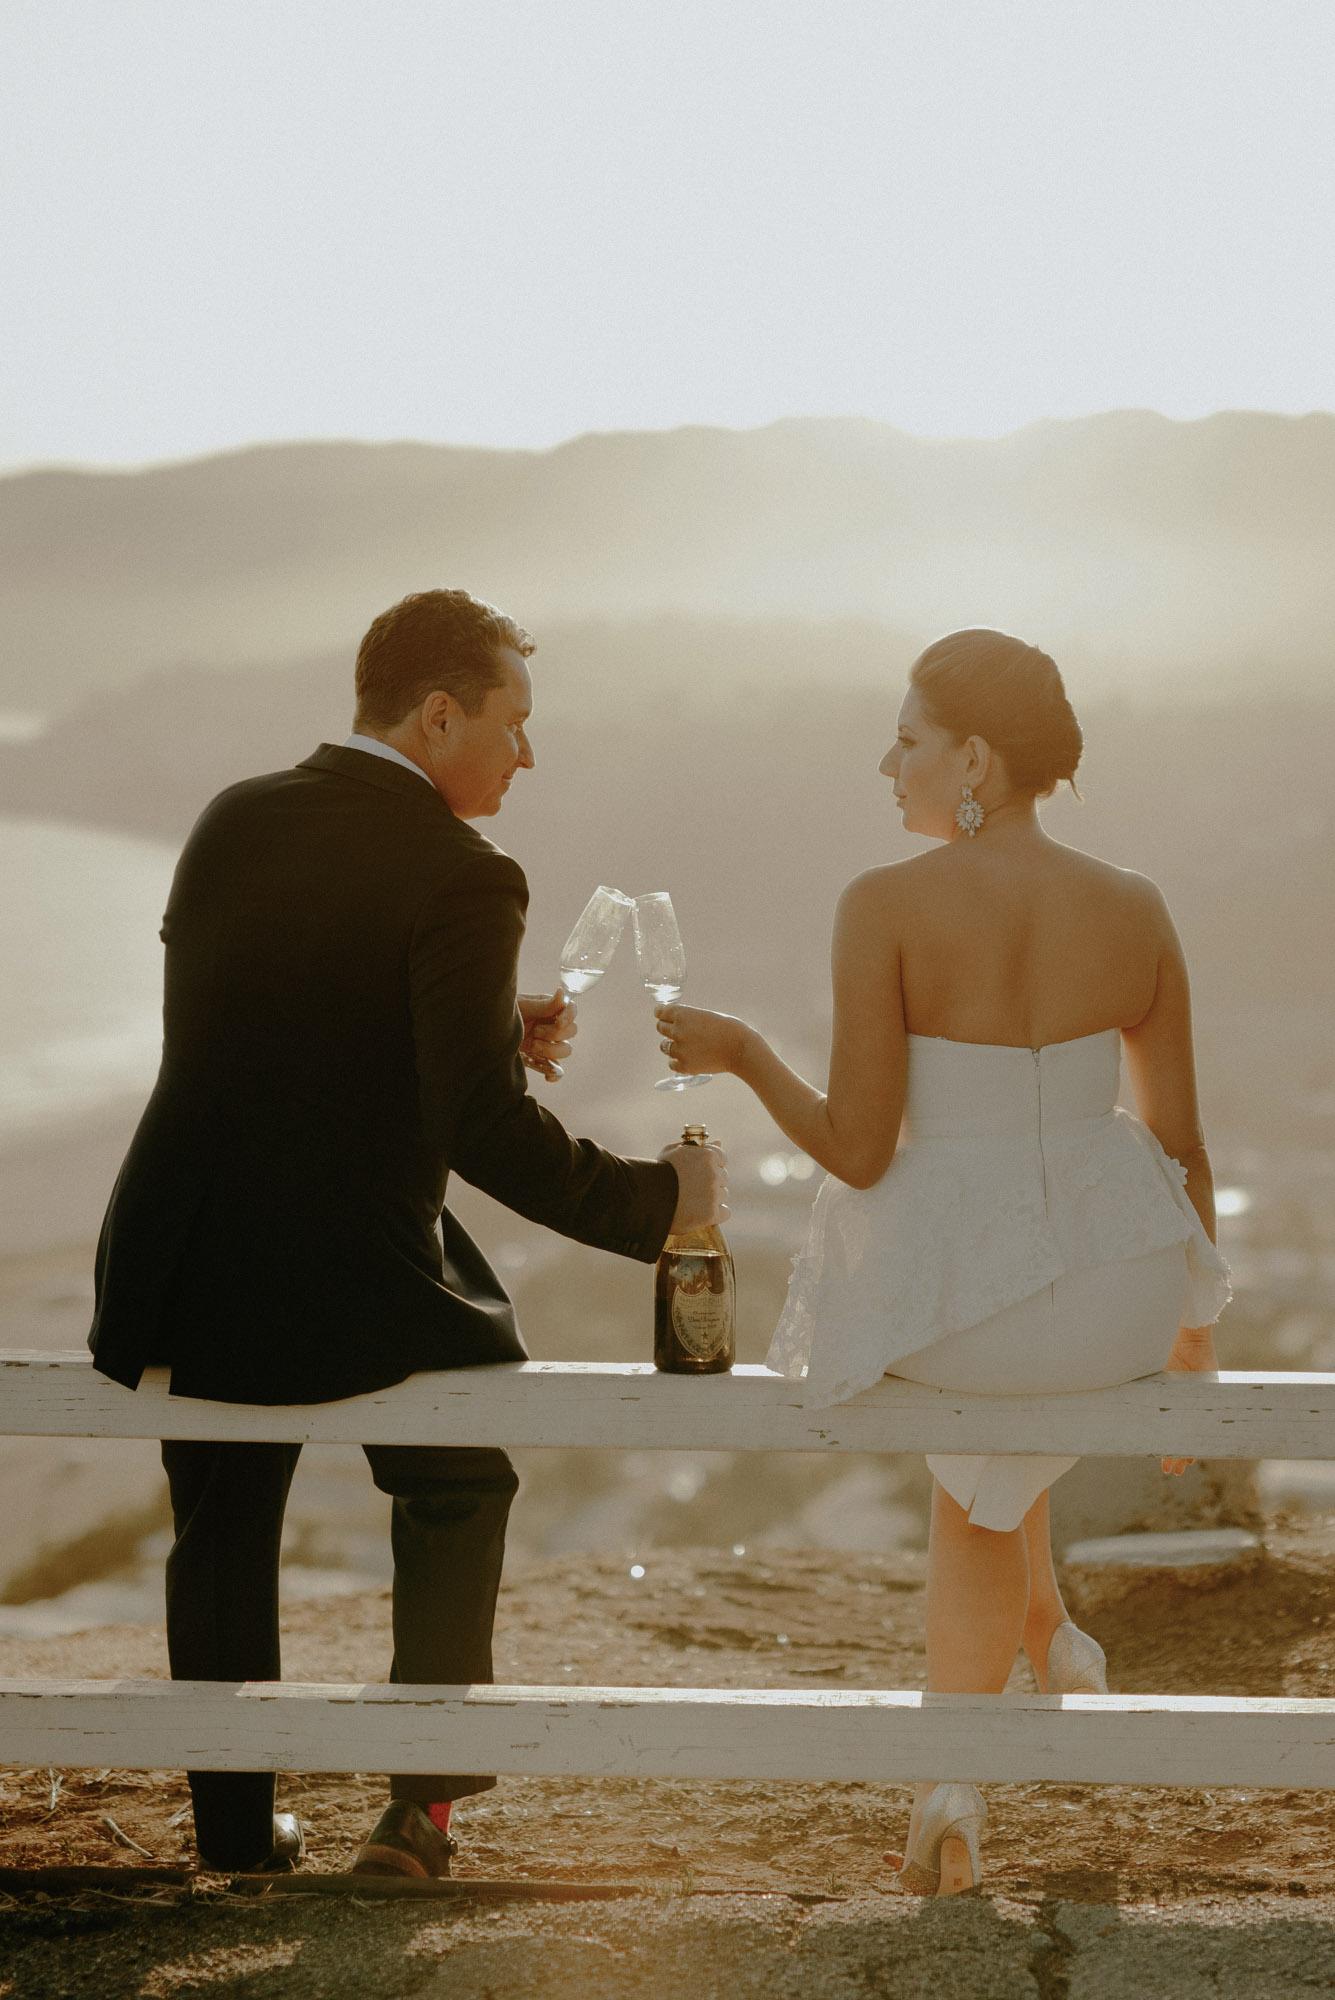 Ebony-Jason-Wedding-Indulge-Magazine-14-of-16.jpg